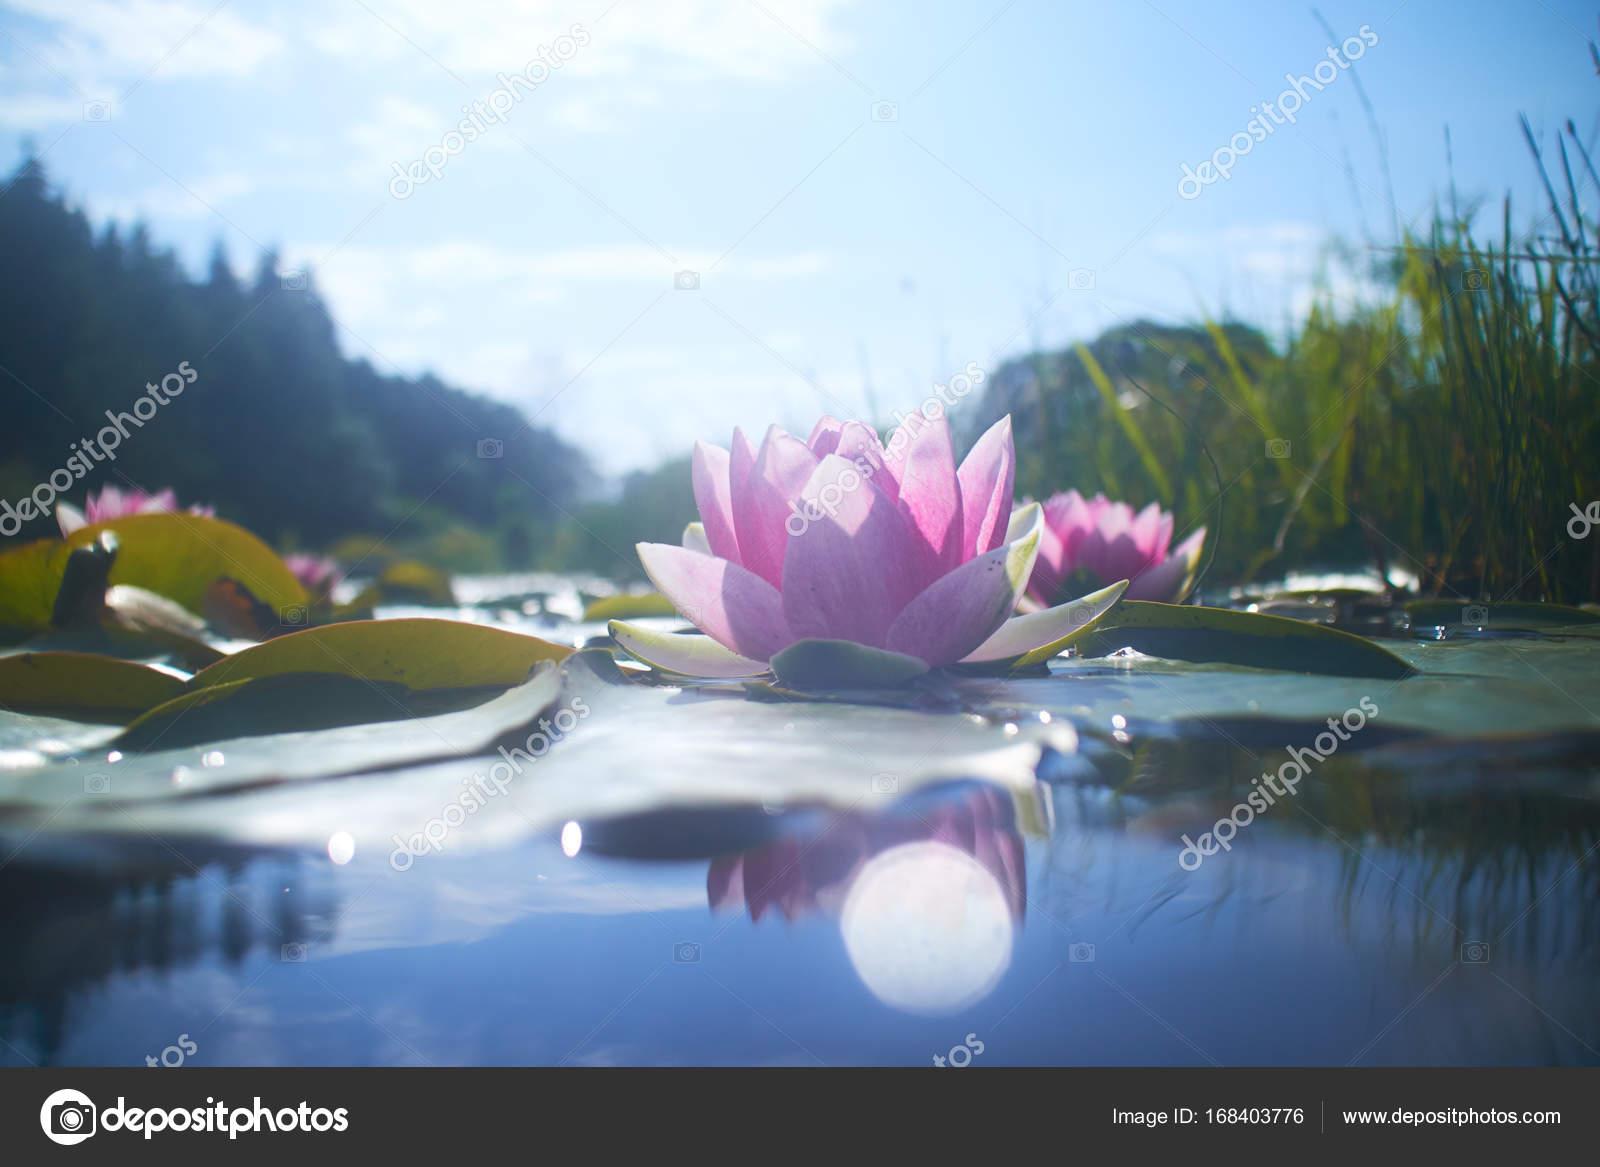 Lotus flowers in pond stock photo strelok 168403776 beautiful lotus flowers in pond at sunny day photo by strelok izmirmasajfo